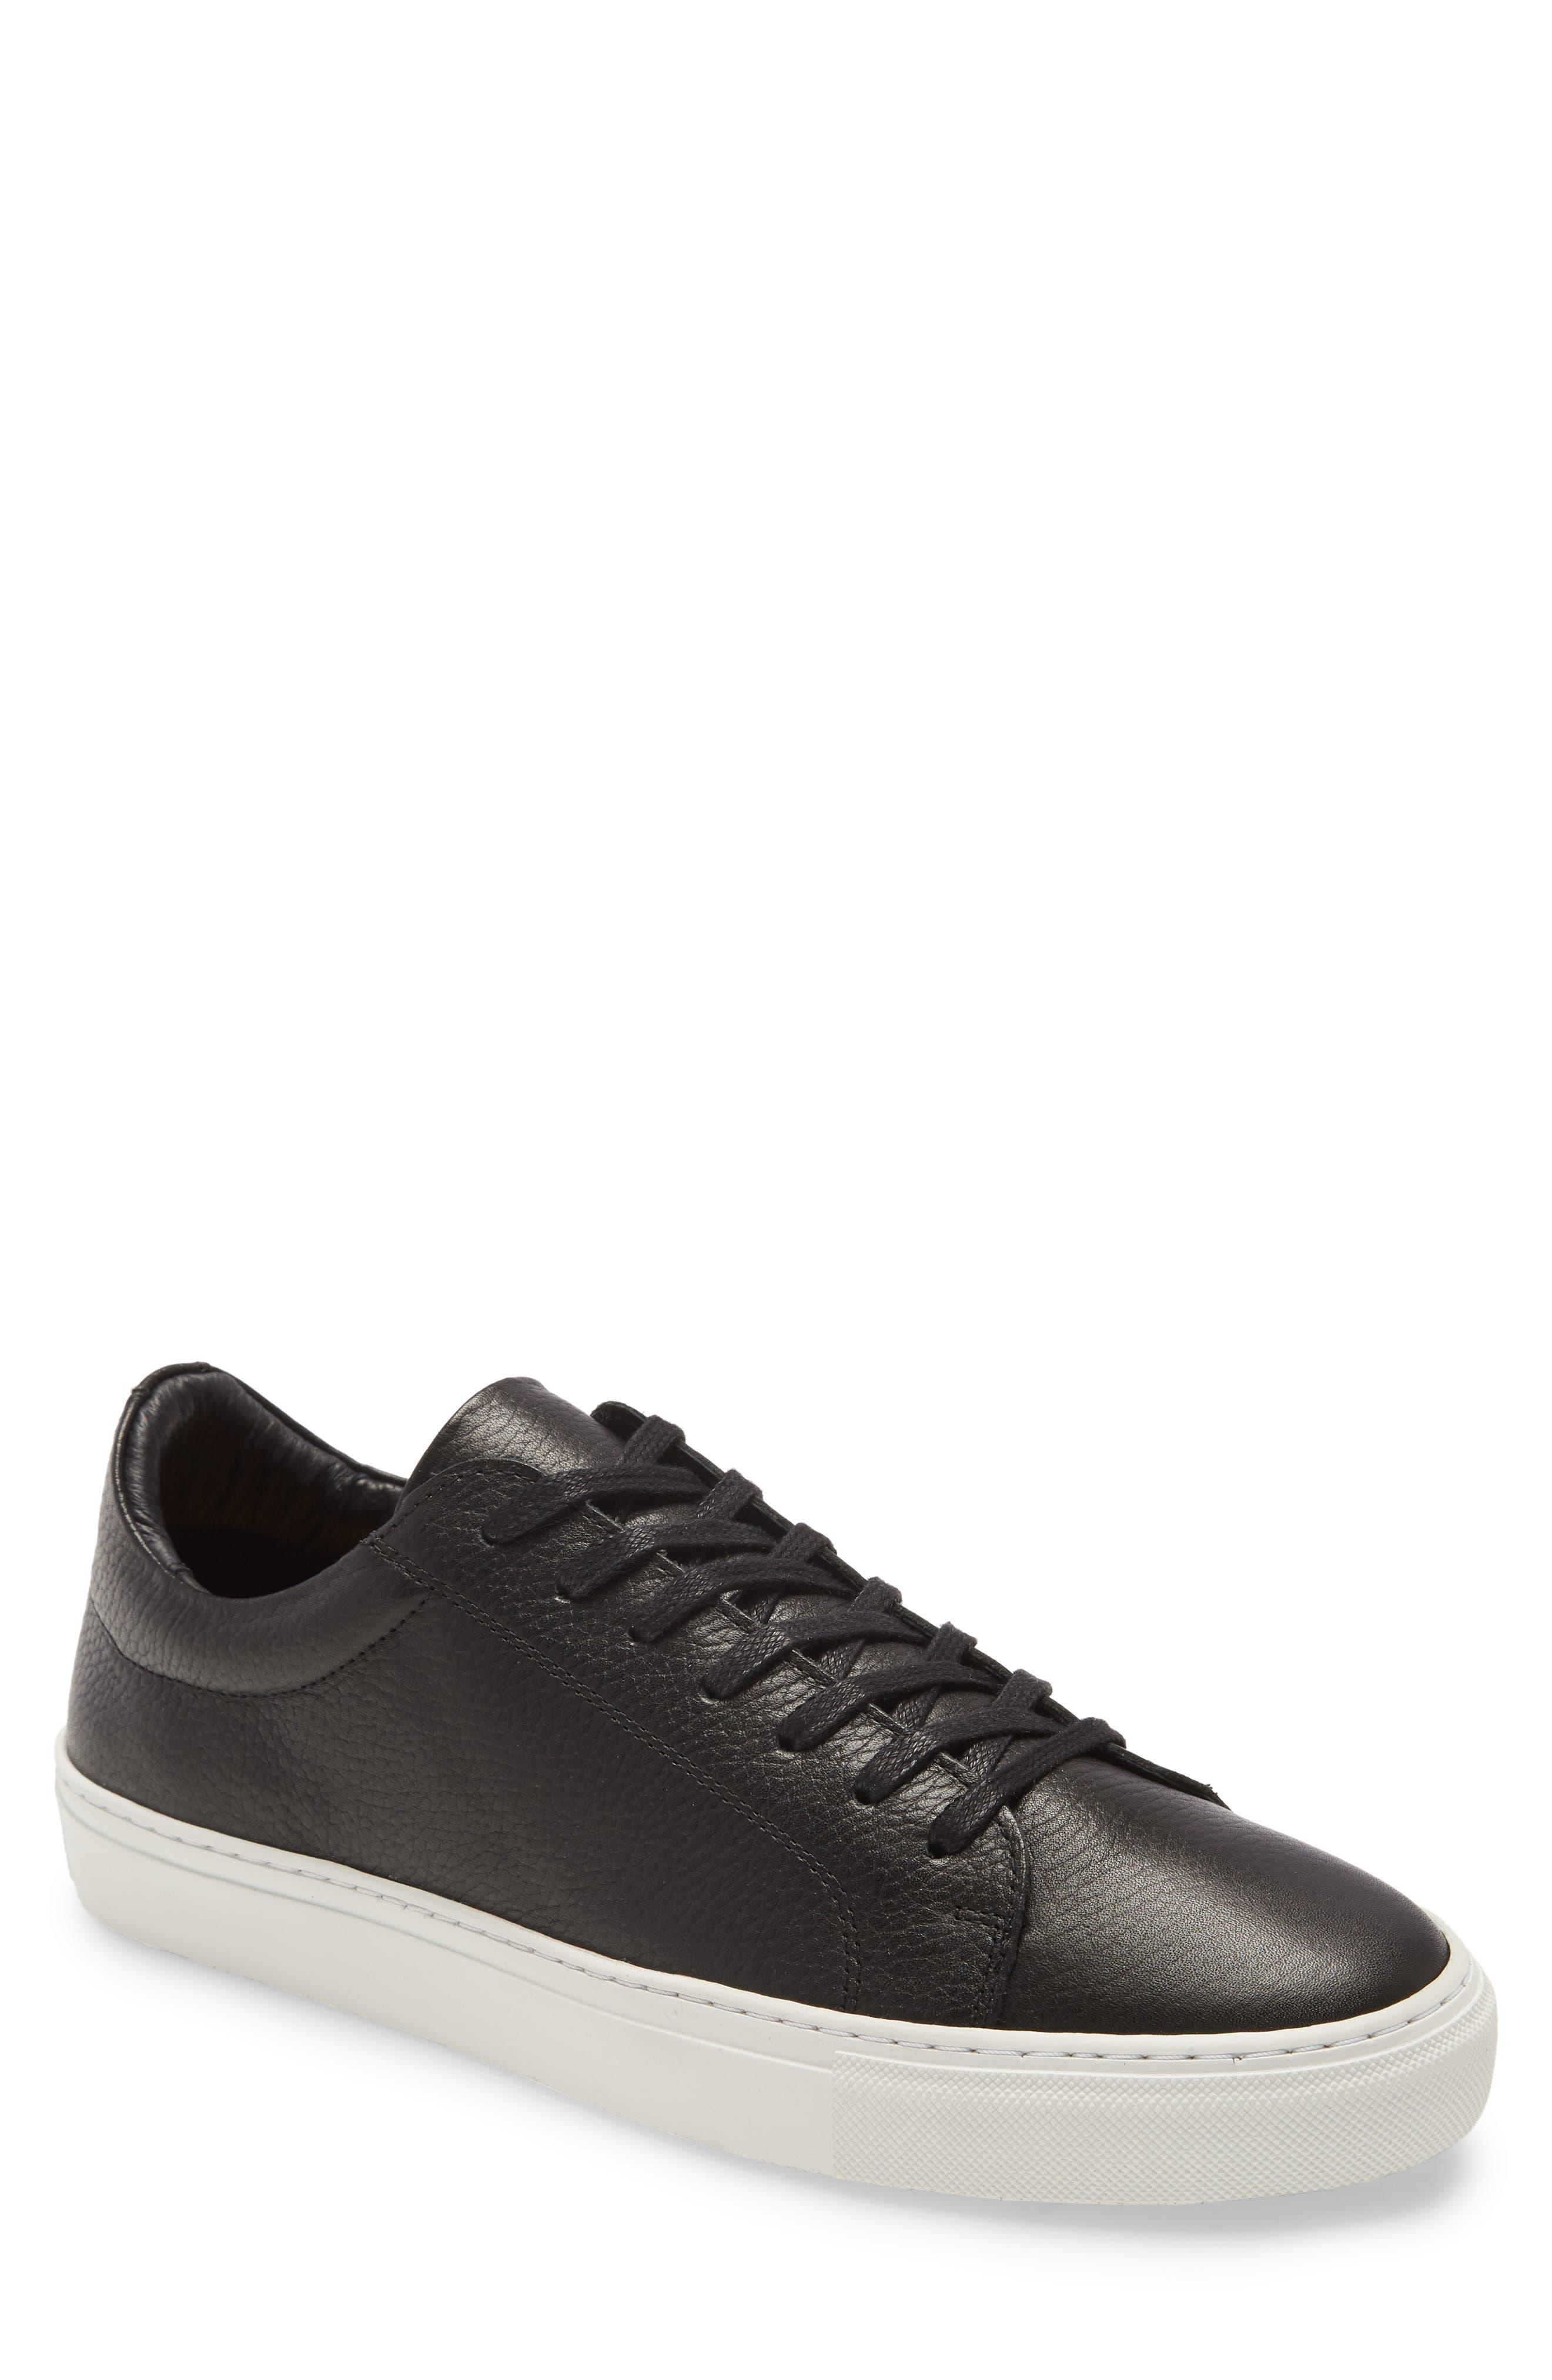 Men's Sneakers \u0026 Athletic Shoes   Nordstrom